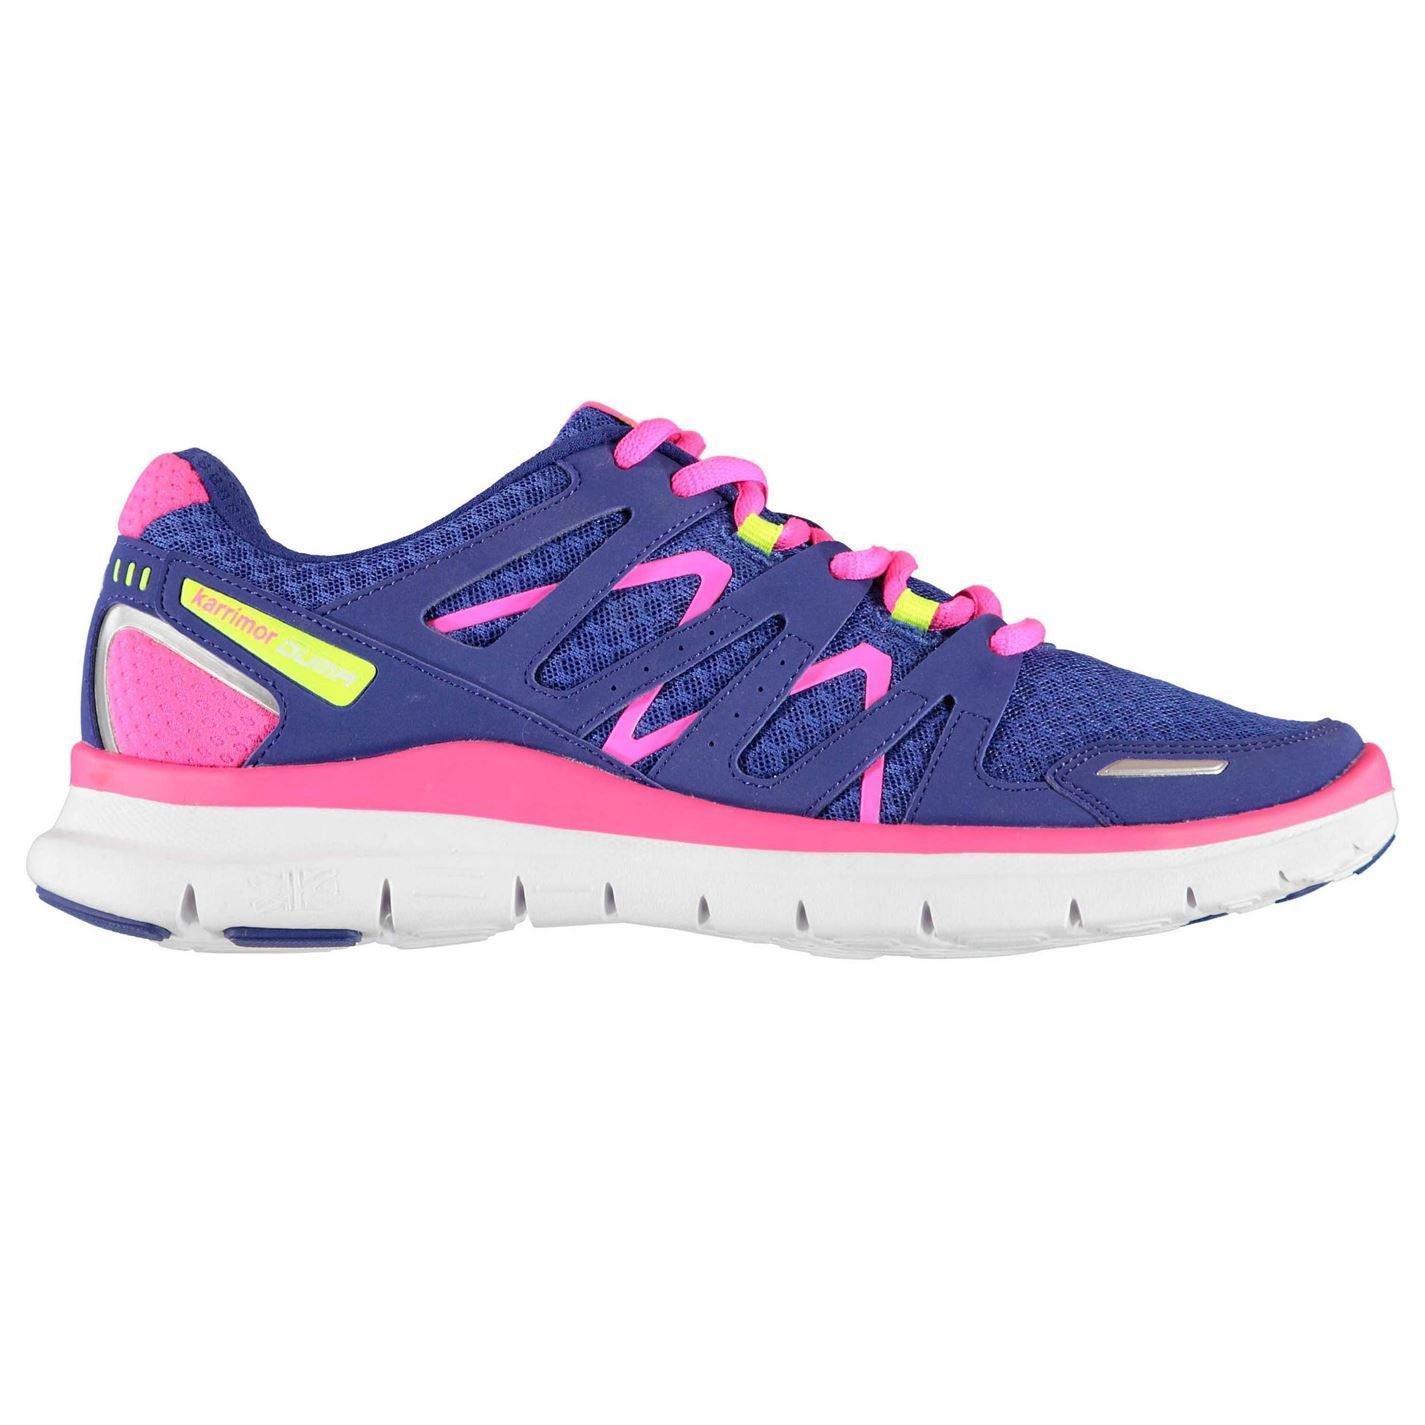 ef496335ebf61 Karrimor Kids Duma Running Shoes  Amazon.co.uk  Shoes   Bags